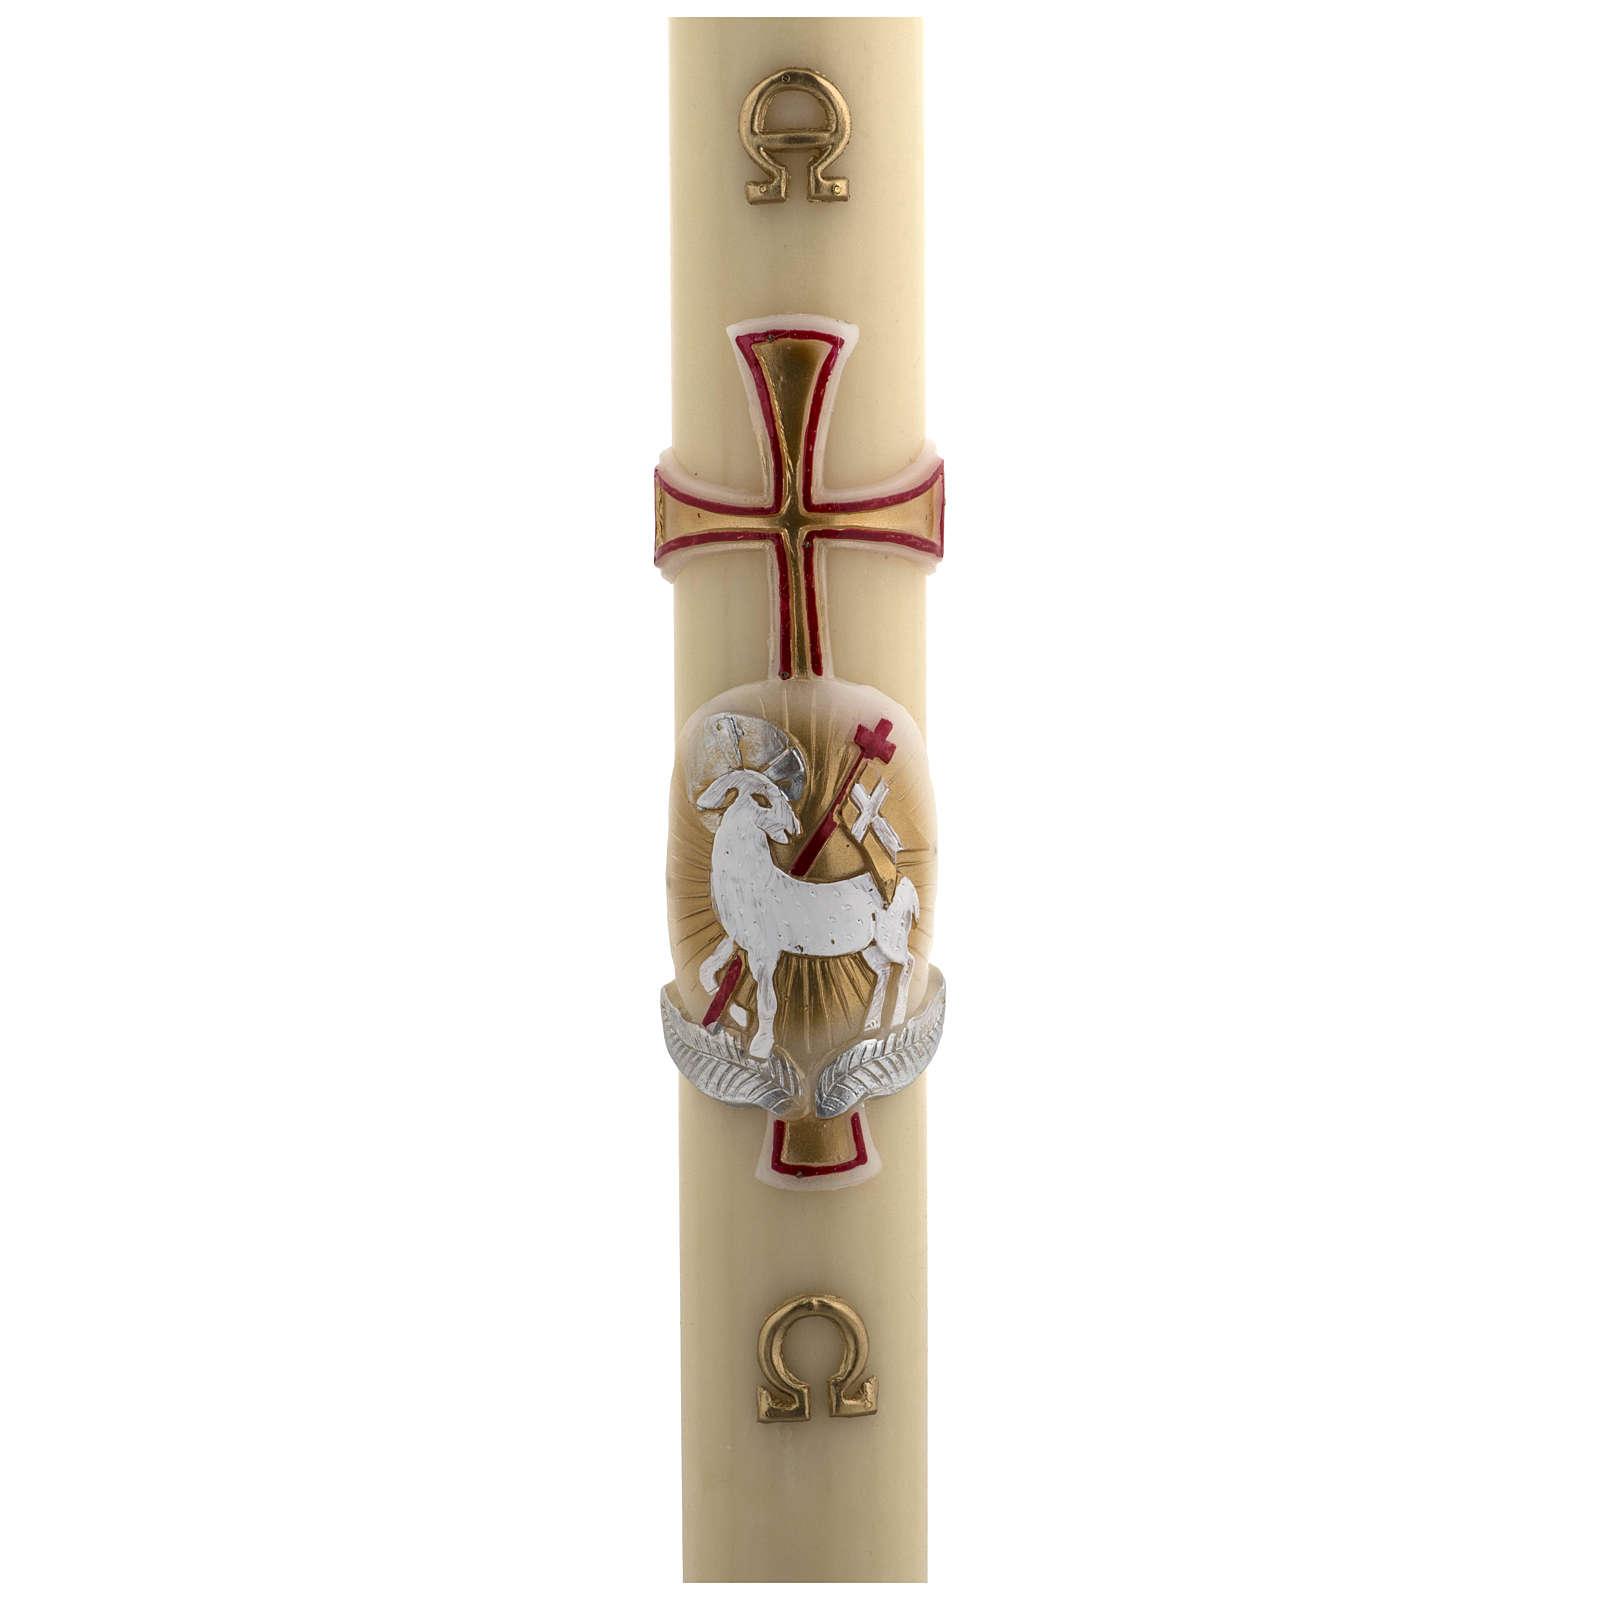 Świeca wielkanocna z wosku pszczelego Baranek Boży złotoczerwony krzyż 8 X 120cm 3